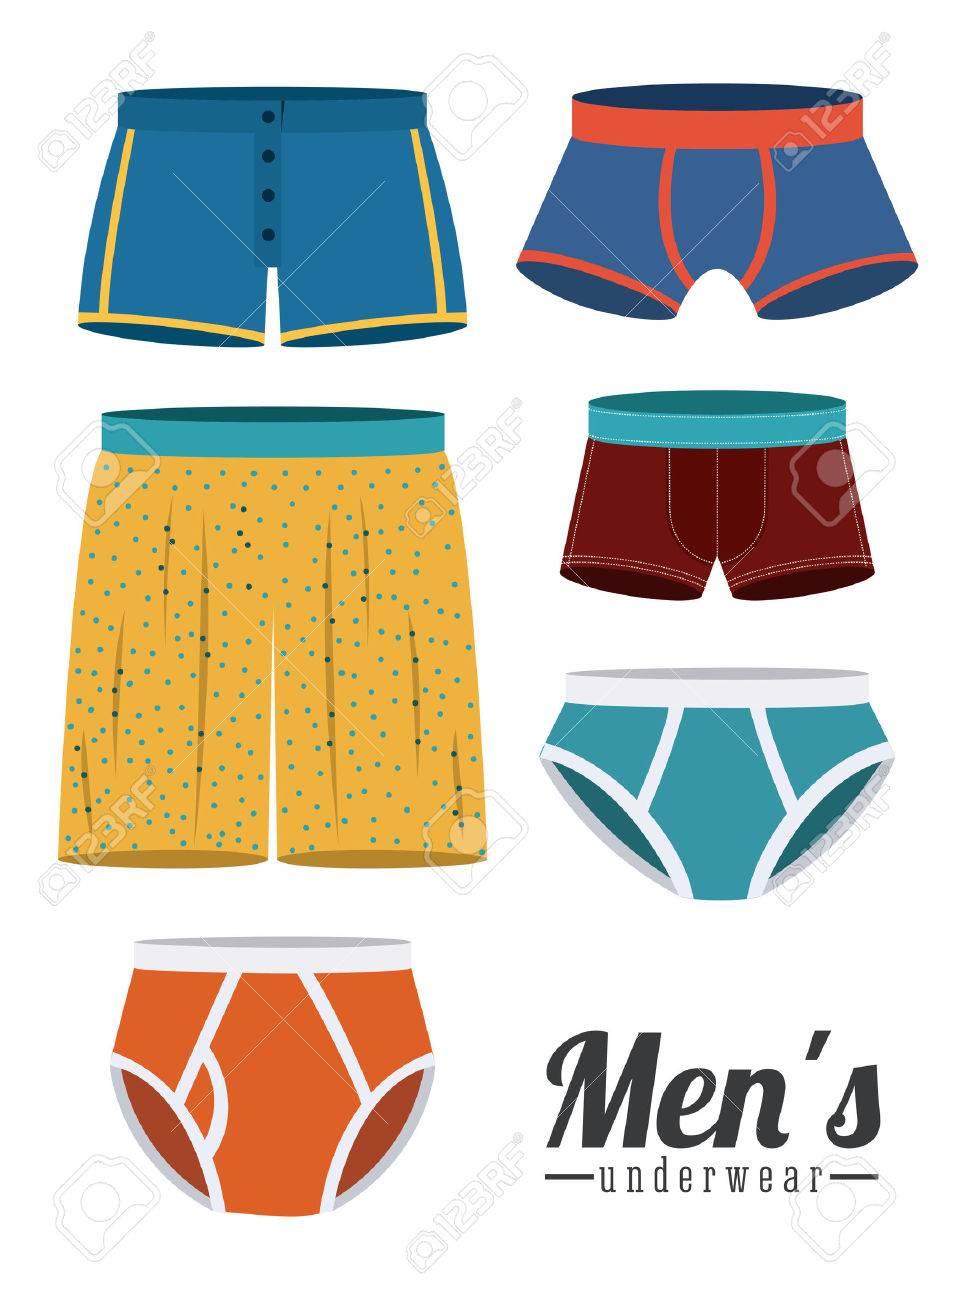 Underwear design over white background,vector illustration - 31836971